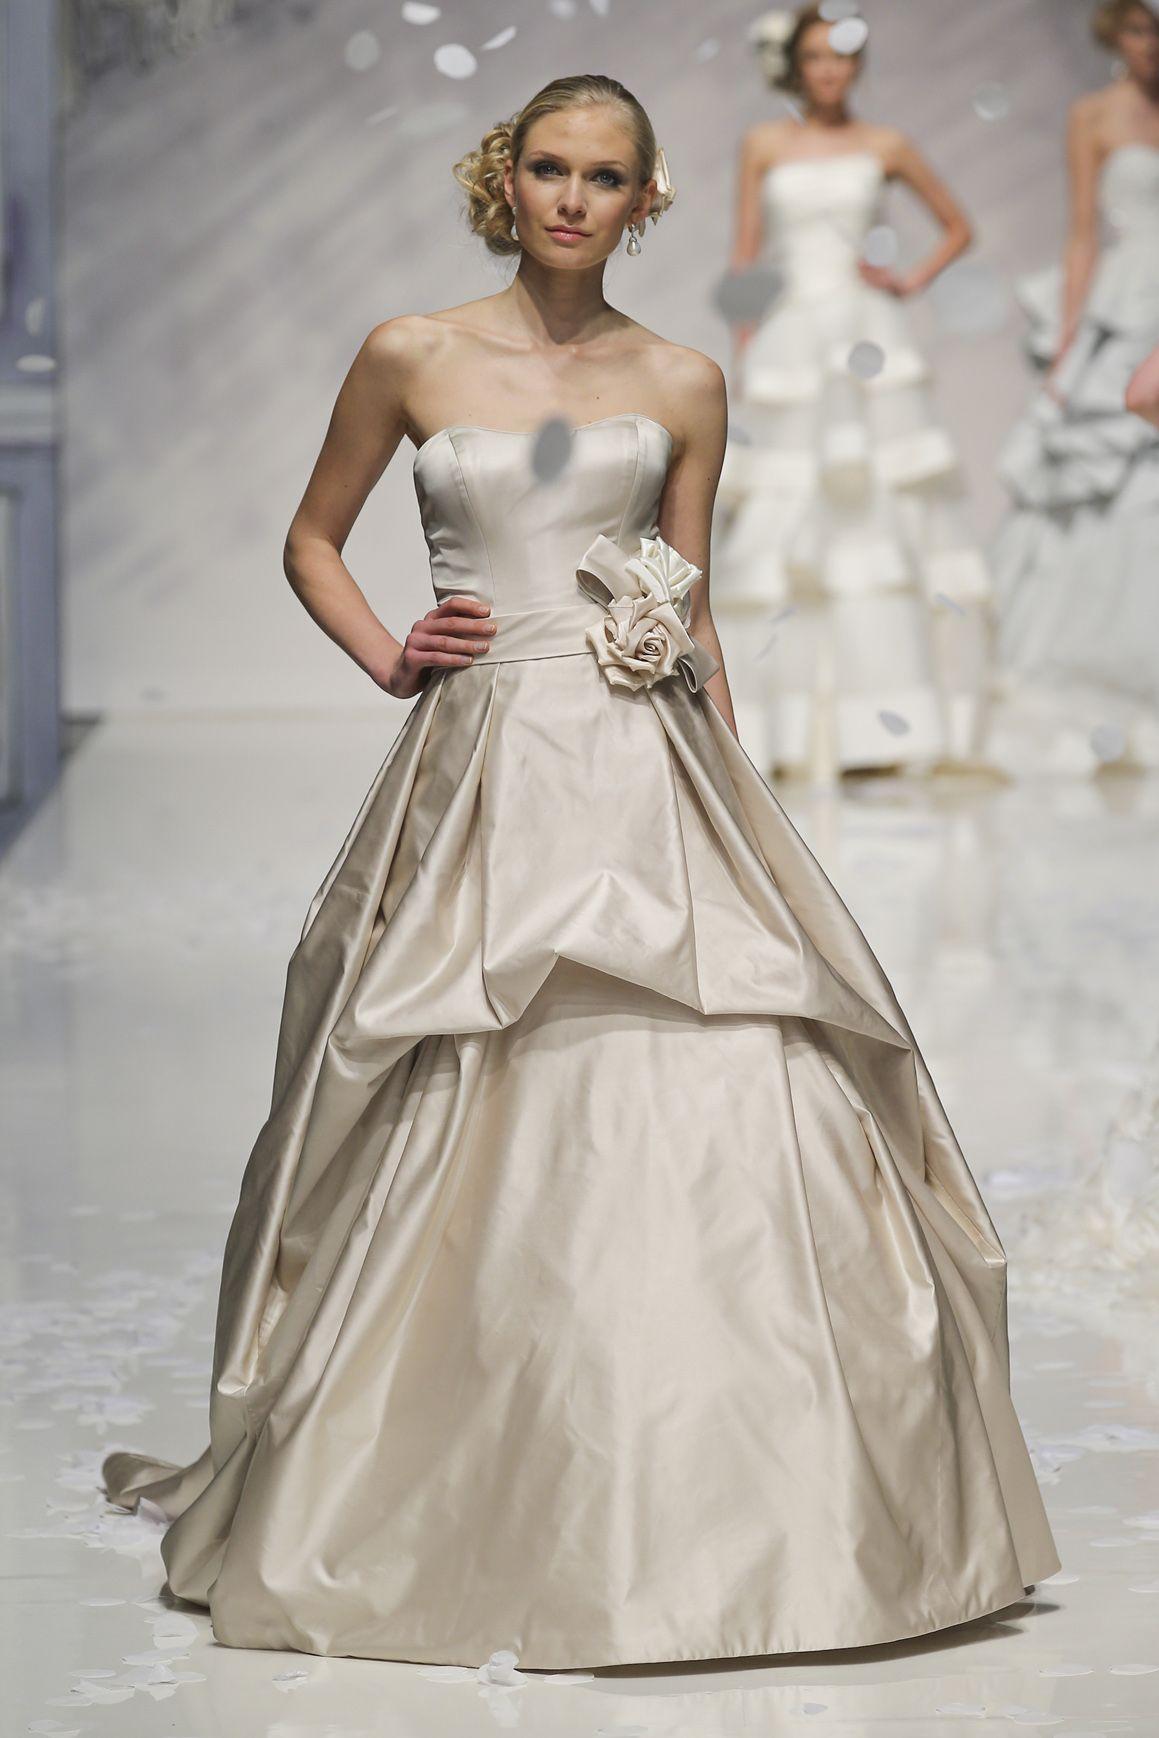 Popolare 5 abiti da sposa dorati per la primavera estate 2014 VY28